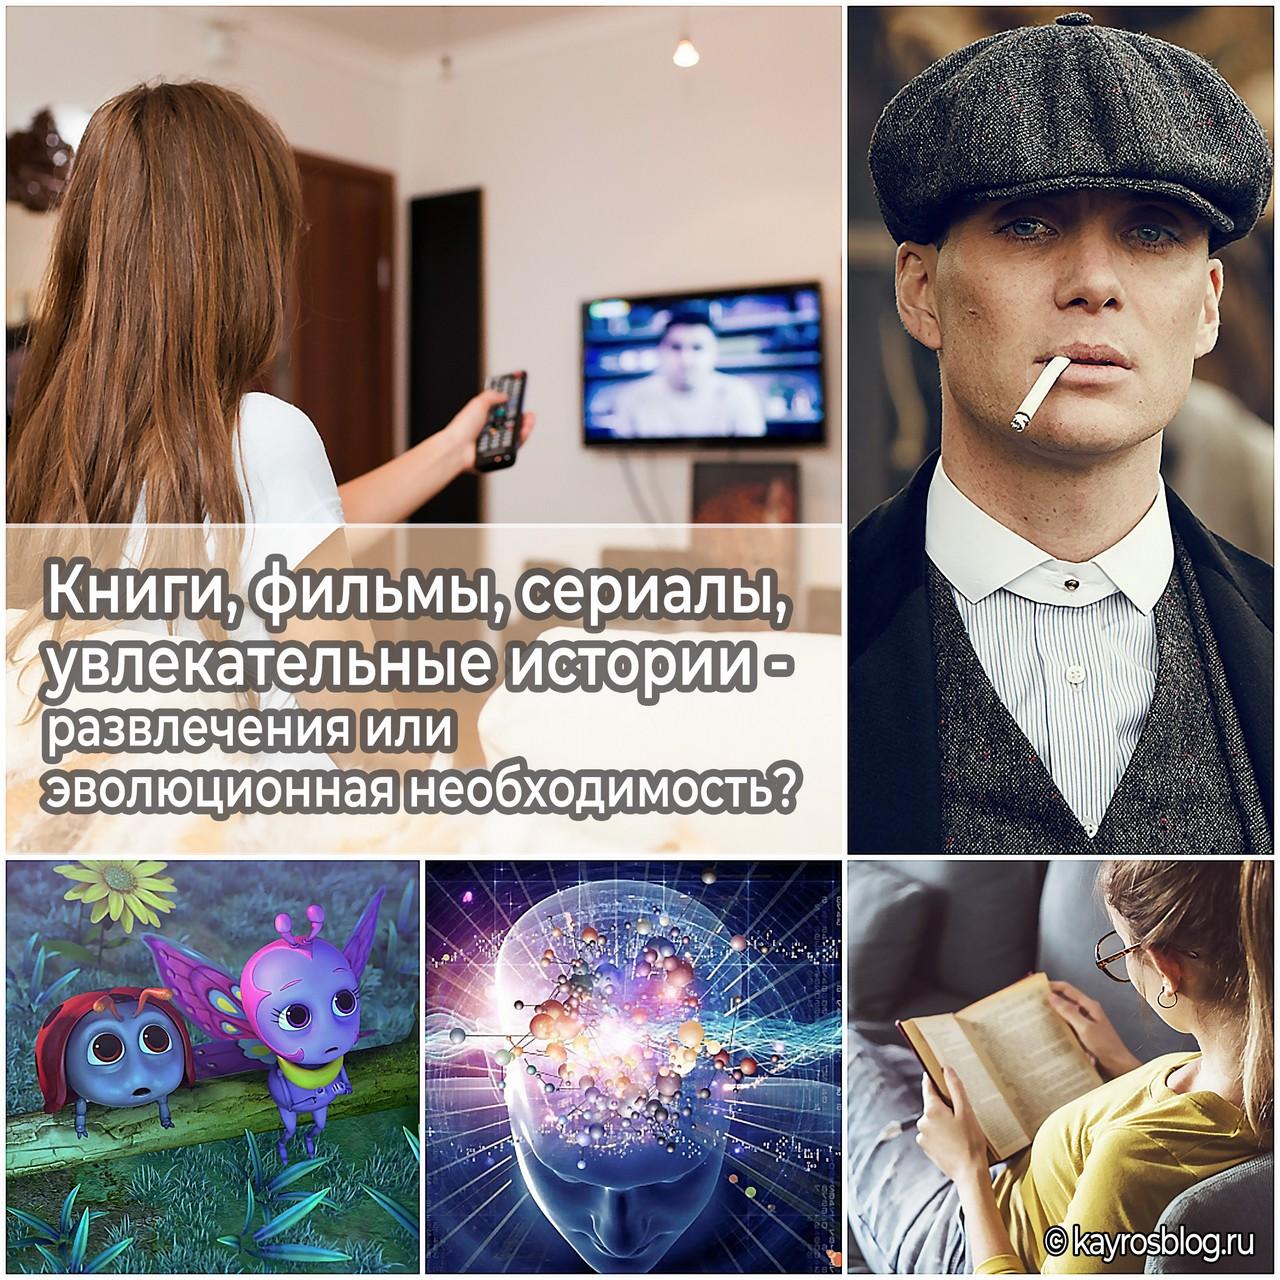 Книги, фильмы, сериалы, увлекательные истории - развлечения или эволюционная необходимость